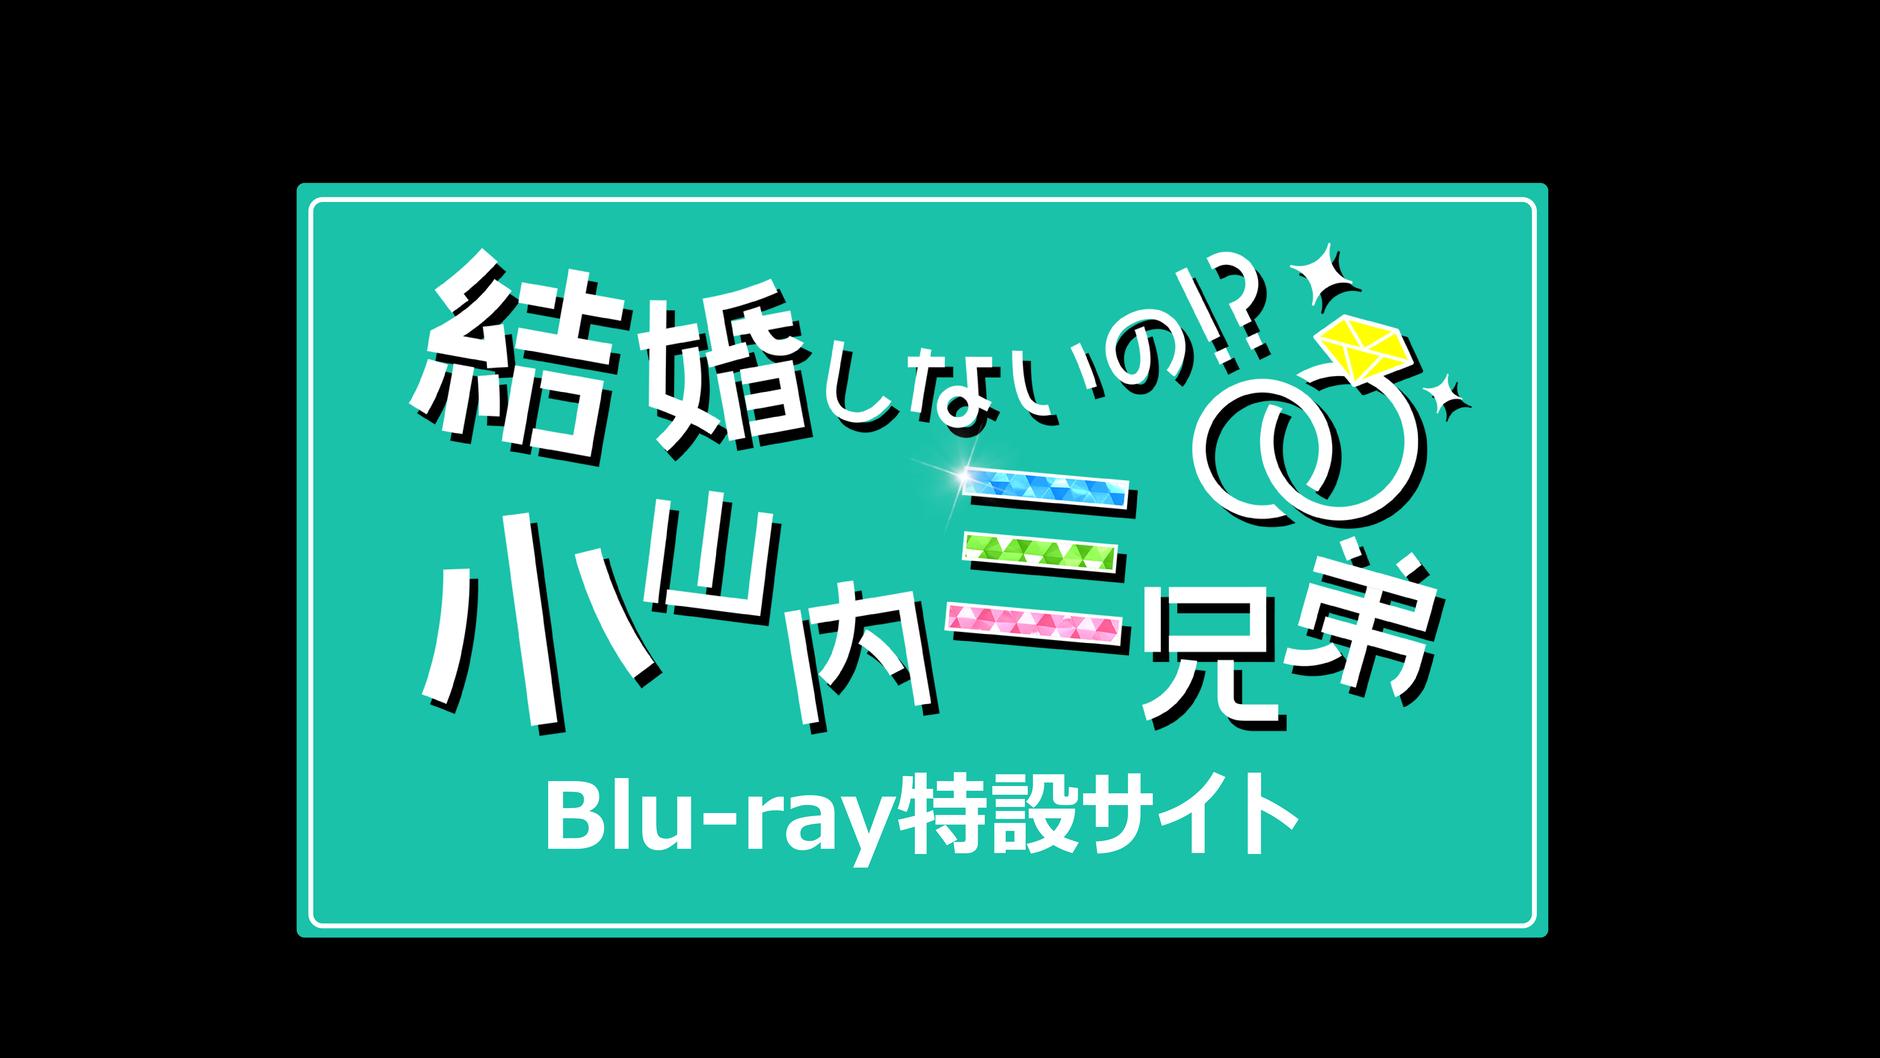 「結婚しないの!?小山内三兄弟」Blu-ray 特設サイト